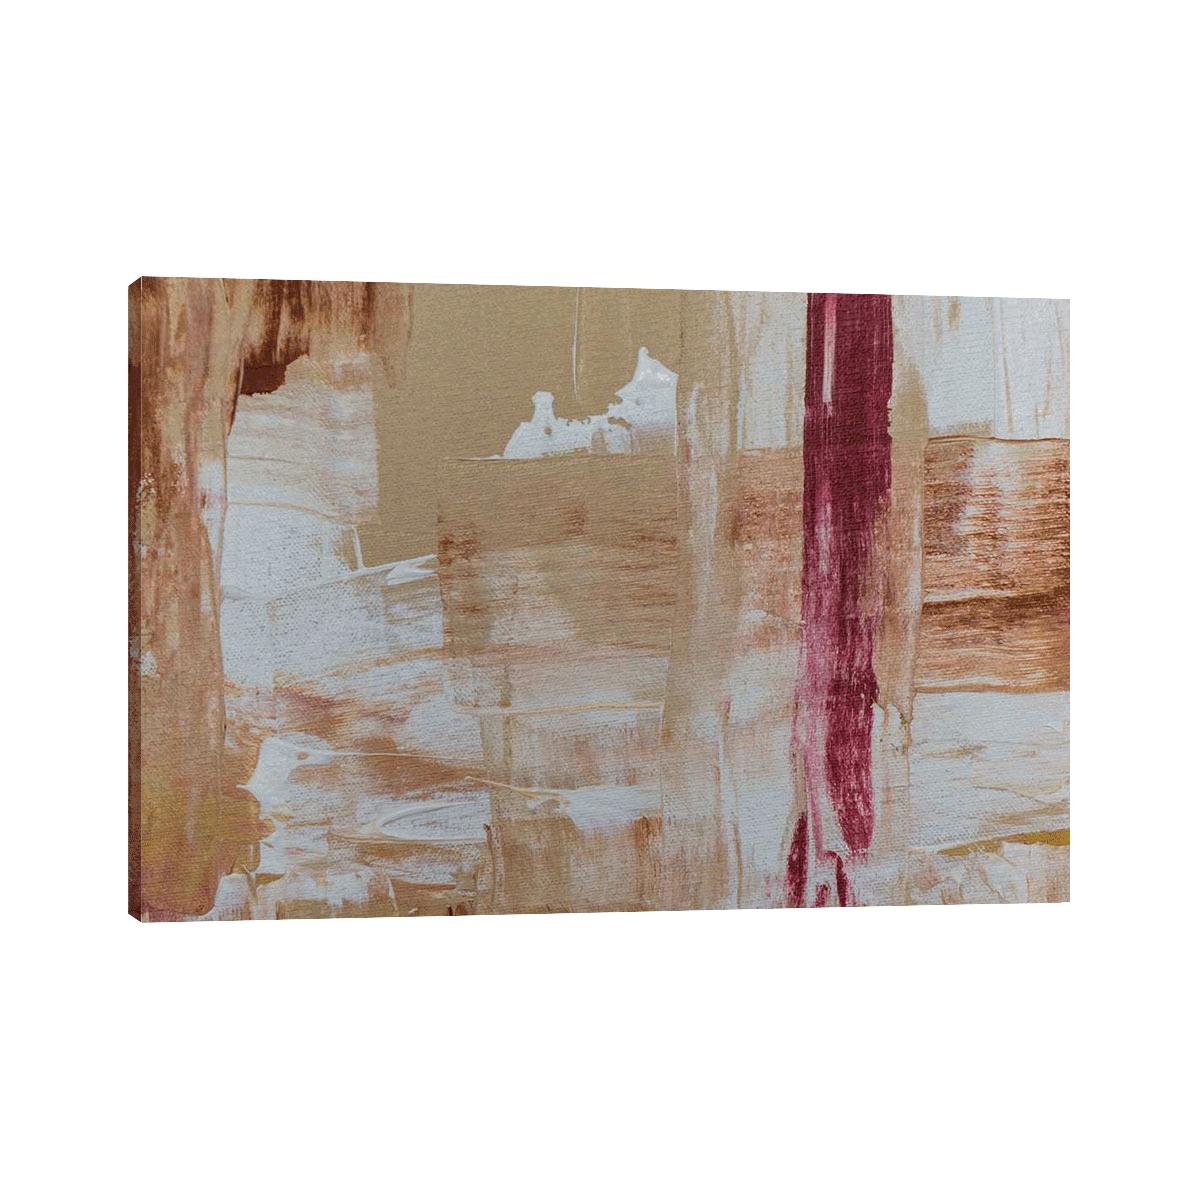 لوحات جدارية - لطخات البيج و الأبيض - لوحات جدارية - كانفسي - لوحة فنية جدارية تجريدية بألوان و تصاميم جذابة تعطي طاقة حيوية وتفاؤل و تتناسب مع جميع أثاثكم شاهد المزيد في متجر كانفسي